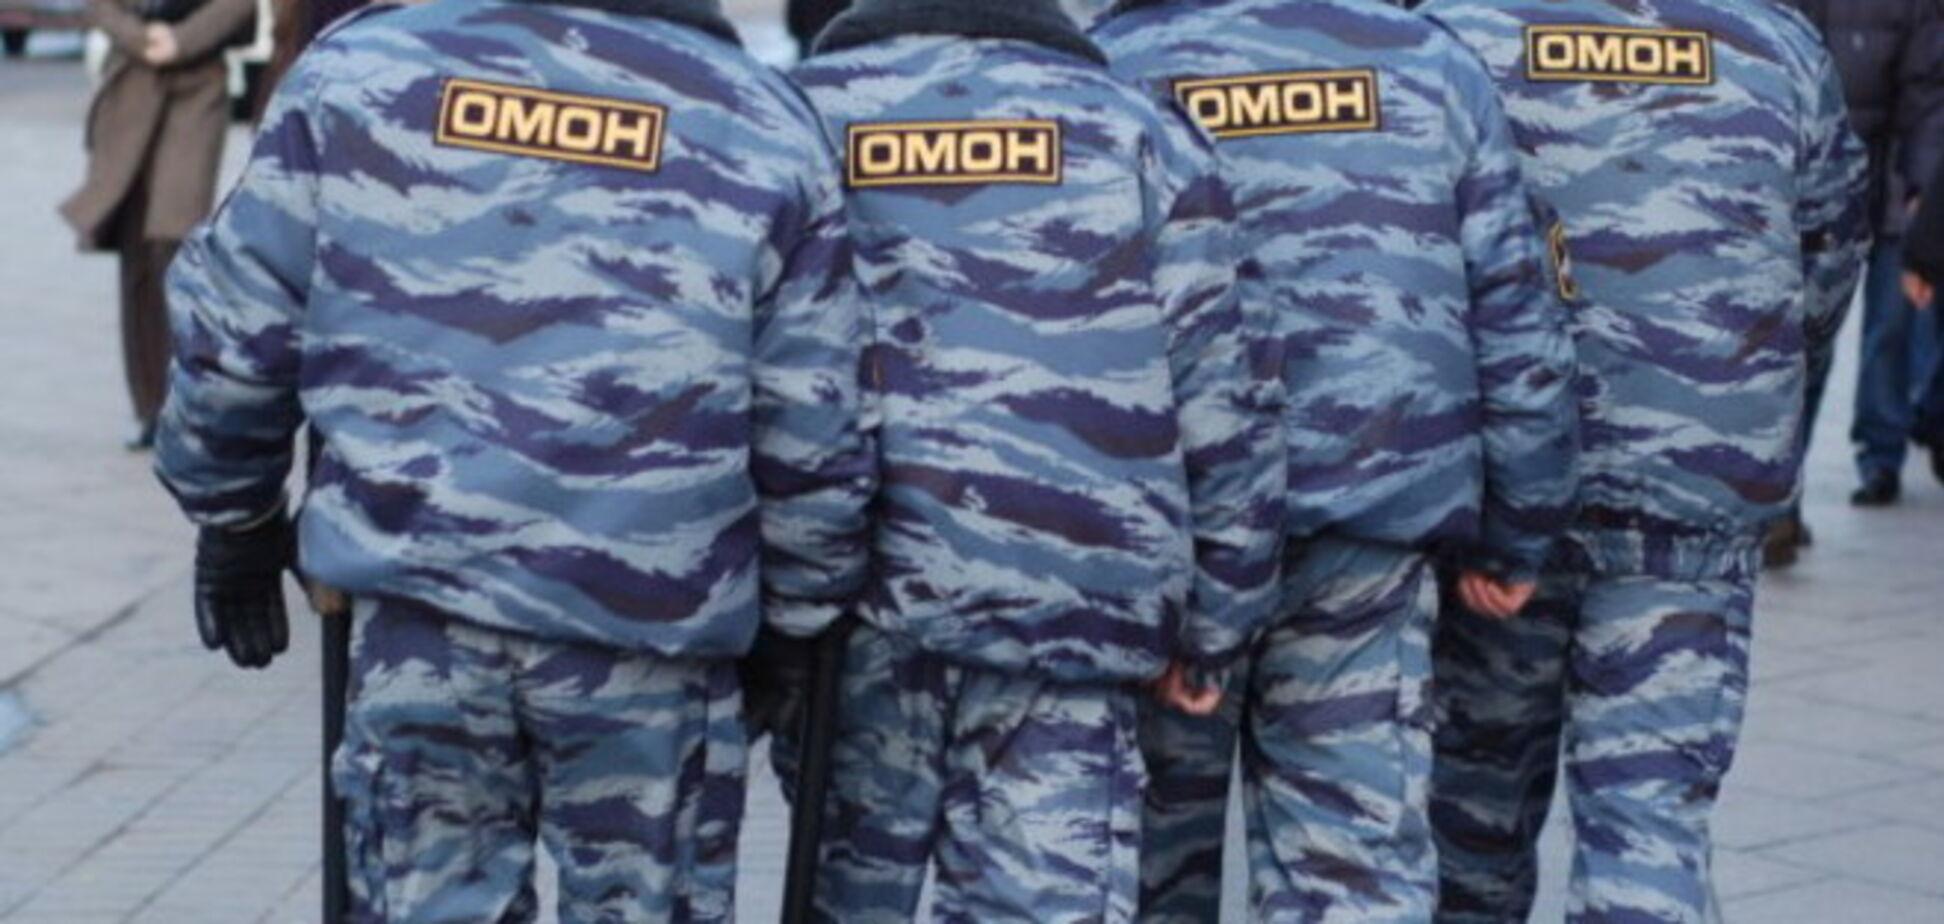 Омоновец три раза съездил 'пострелять укропов' и заработал на квартирку